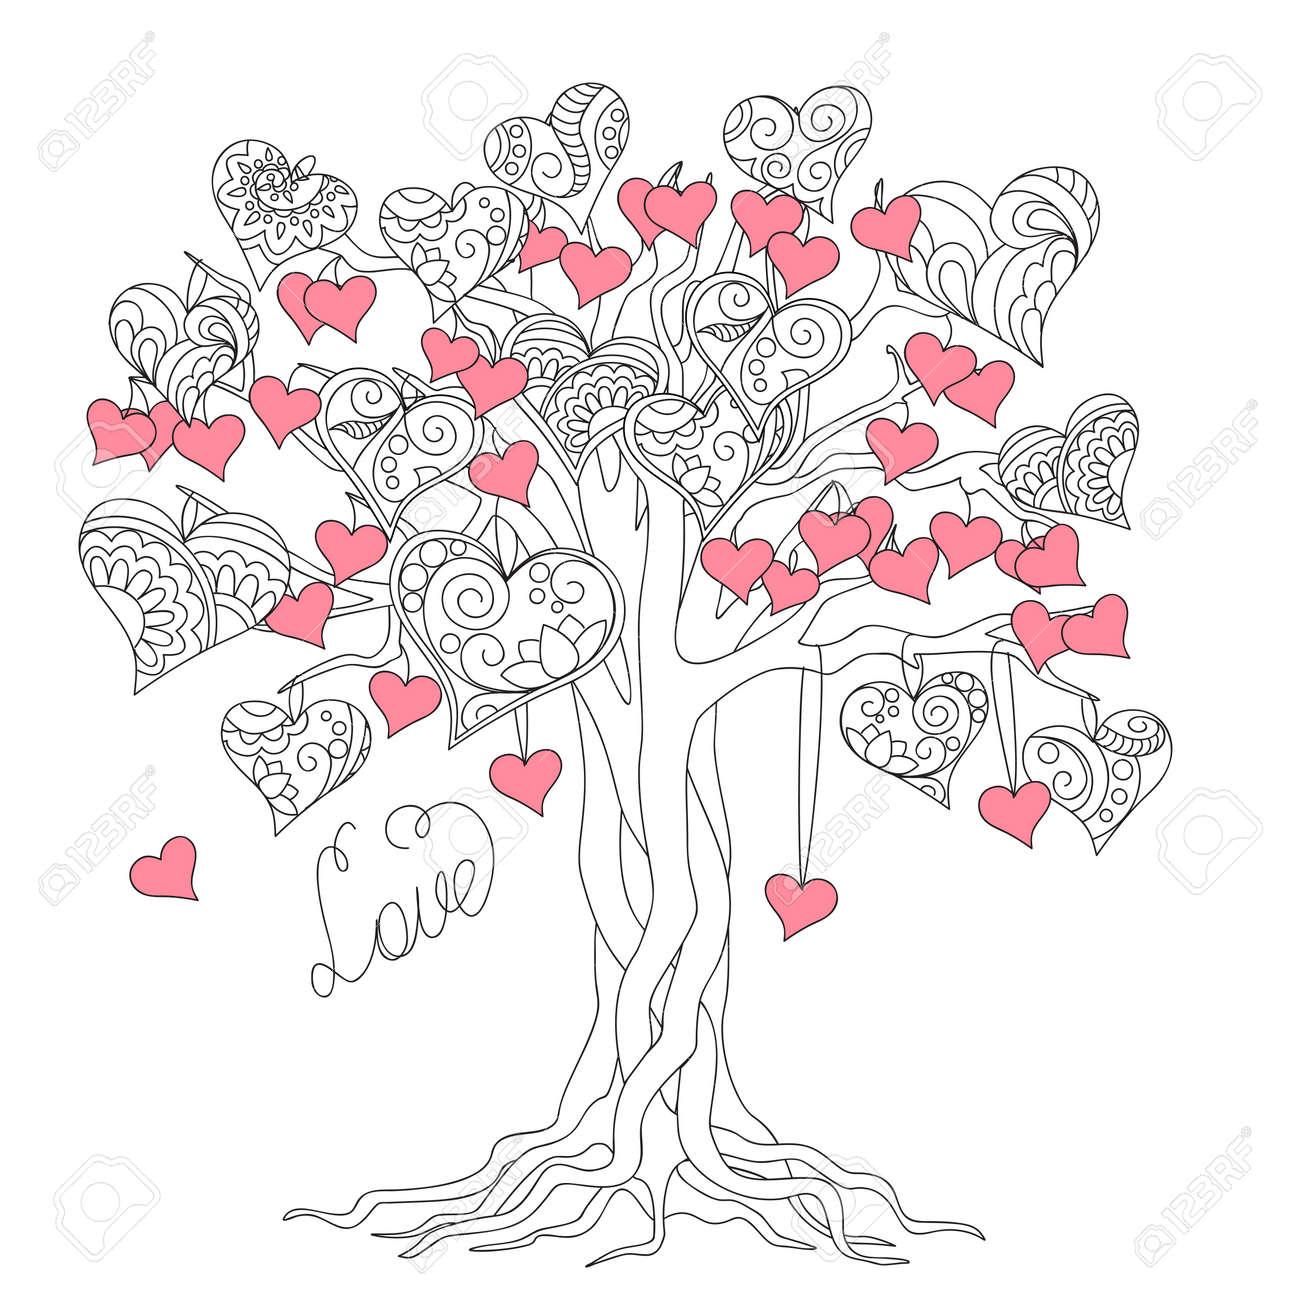 Dibujado A Mano Decoración De árboles De Amor En Estilo étnico Boho ...